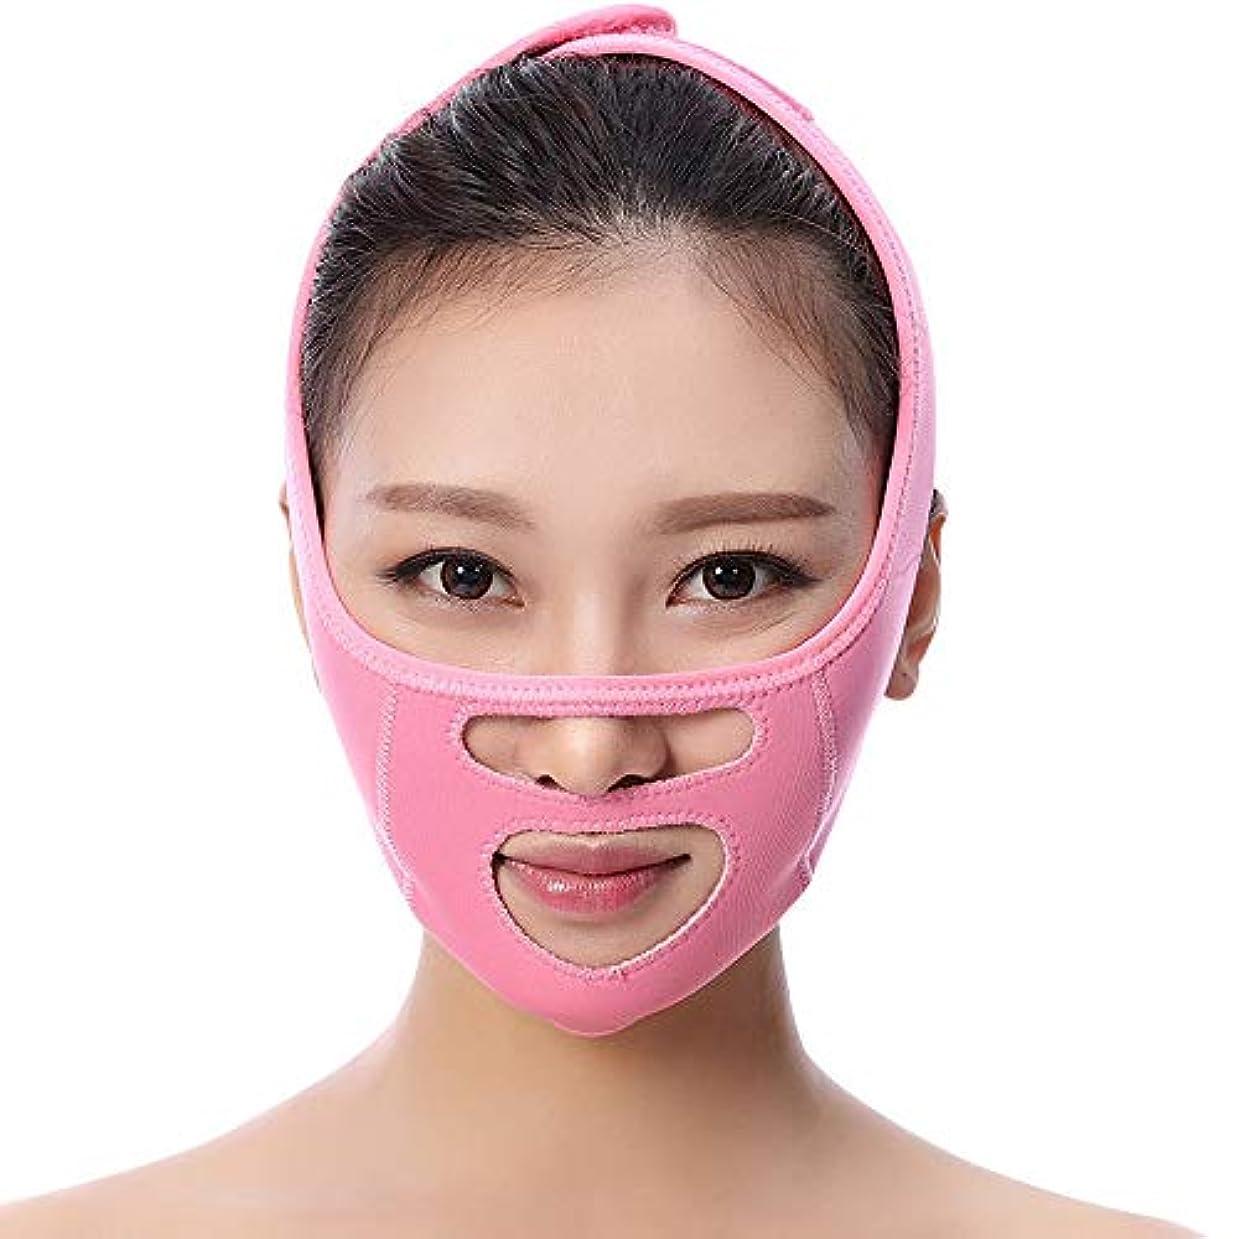 ようこそとても多くの傾斜フェイスリフトマスク、睡眠薄型フェイスベルトリフティングパーマネントビューティーvフェイスバンデージダブルチンアーチファクト,Pink